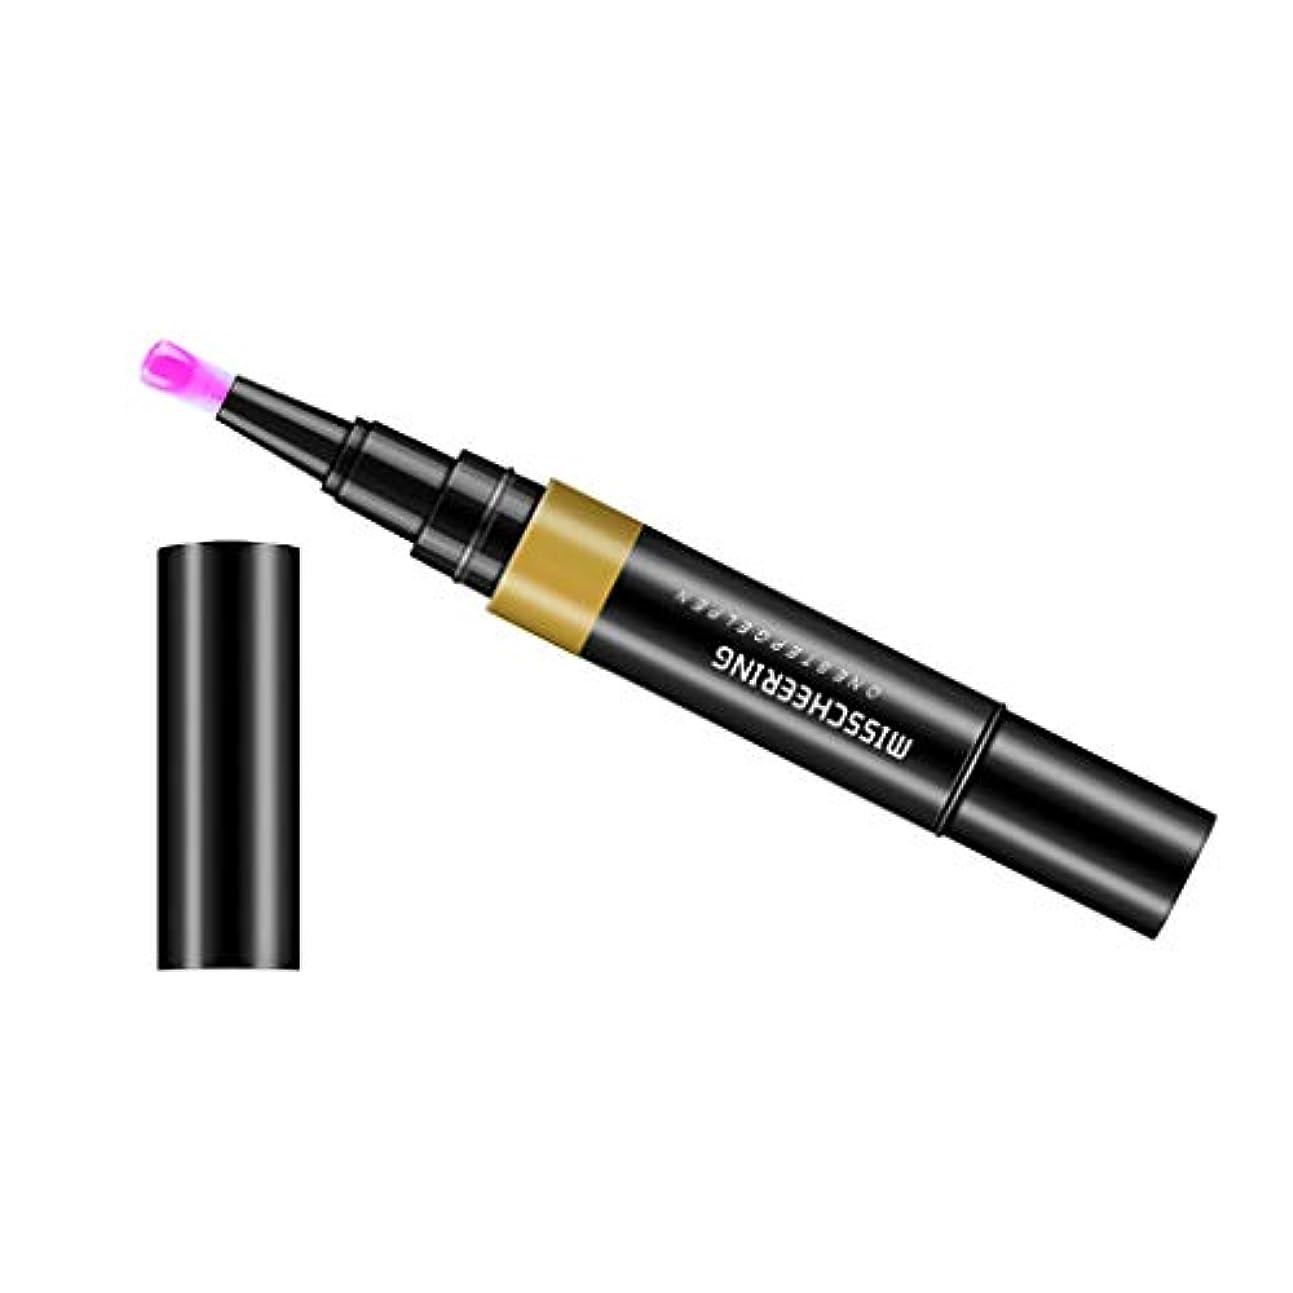 旋回どちらかおToygogo ジェル マニキュアペン ワニスラッカー ネイルアートペン 3 イン 1 サロン 初心者 セルフネイル DIY - パープルレッド